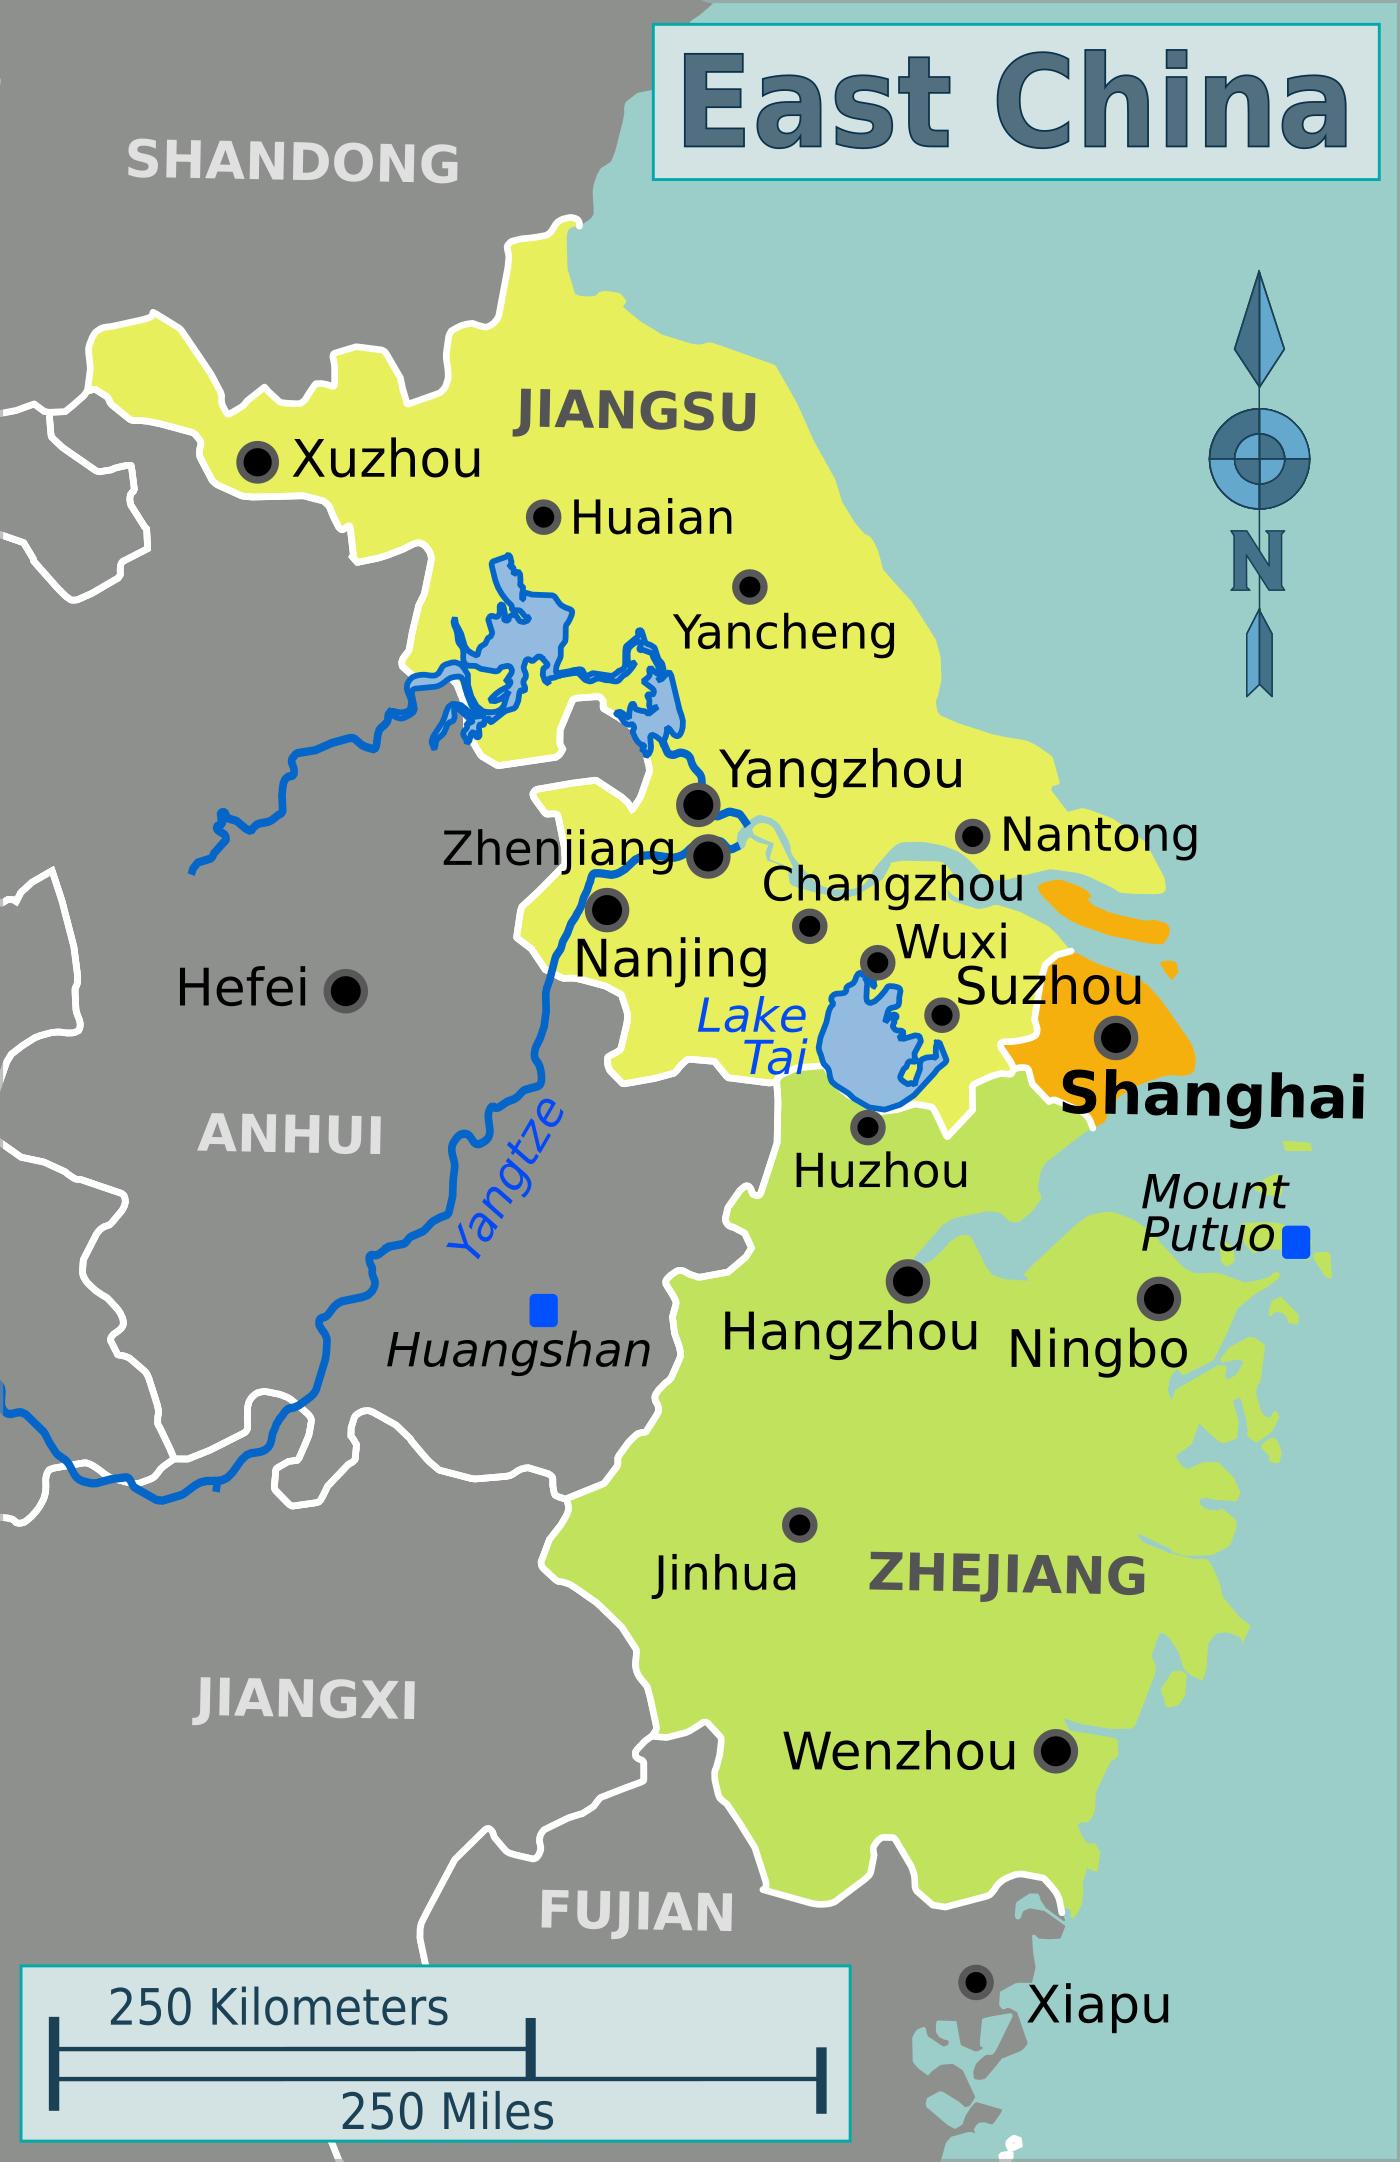 FileEastChinapng Wikimedia Commons - Huaian map